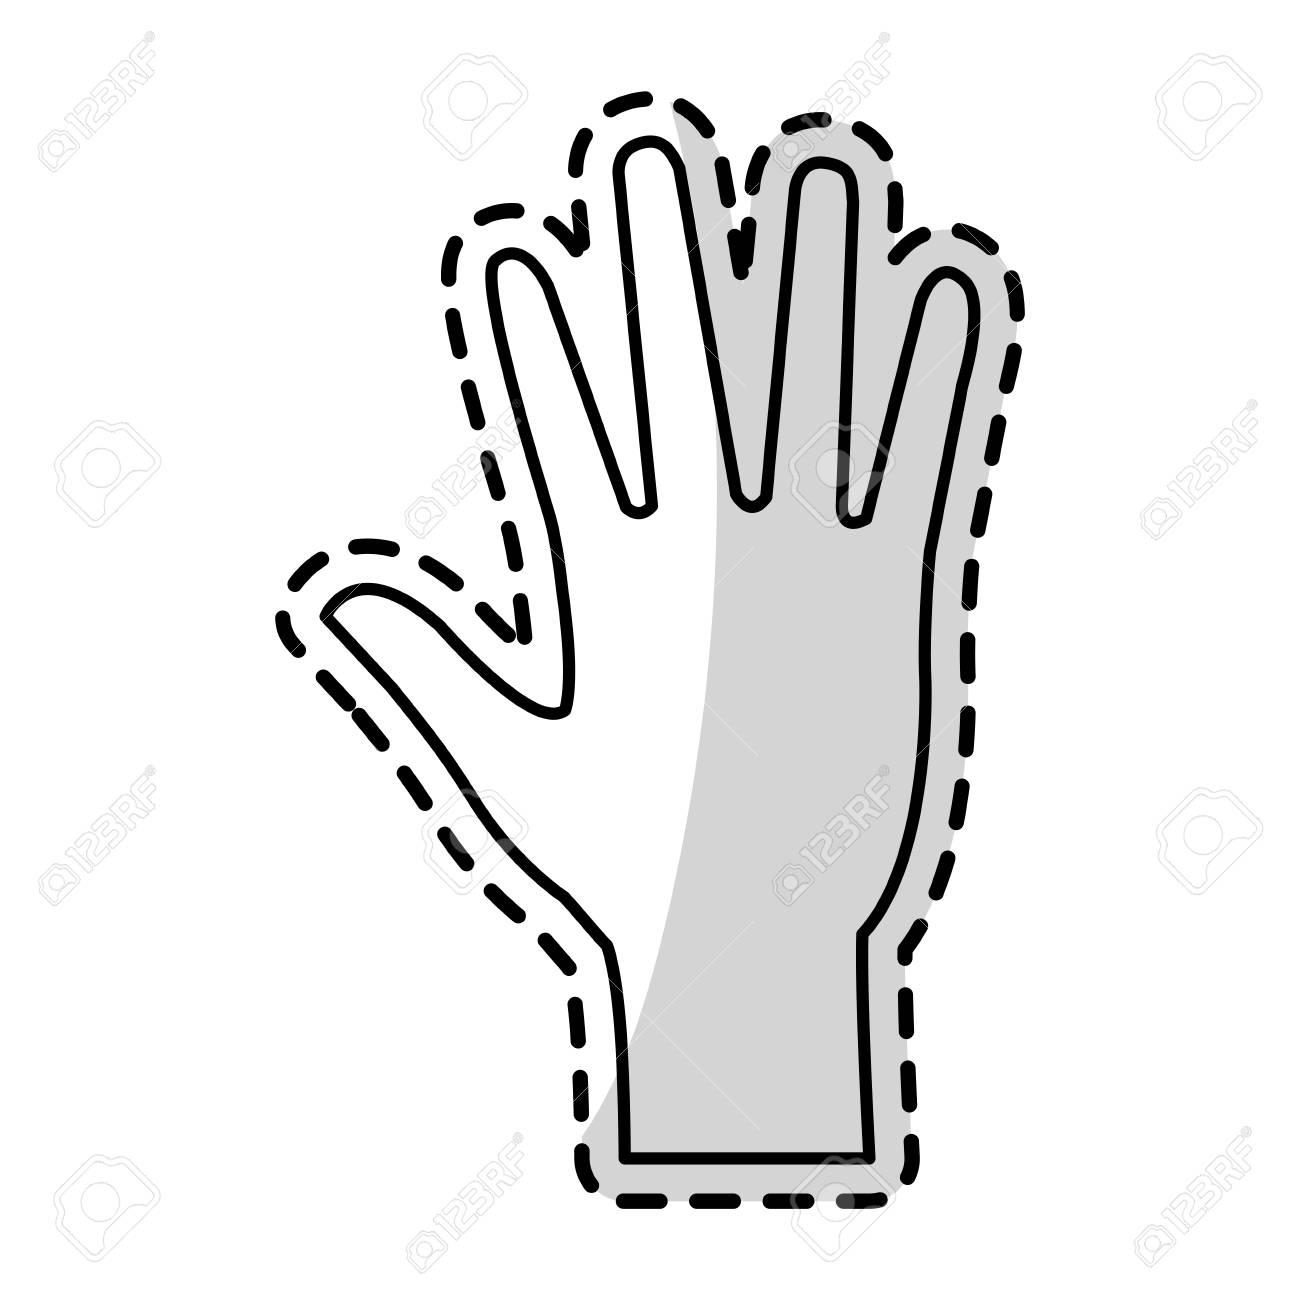 開いた手の形のアイコン画像ベクトル イラスト デザインのイラスト素材